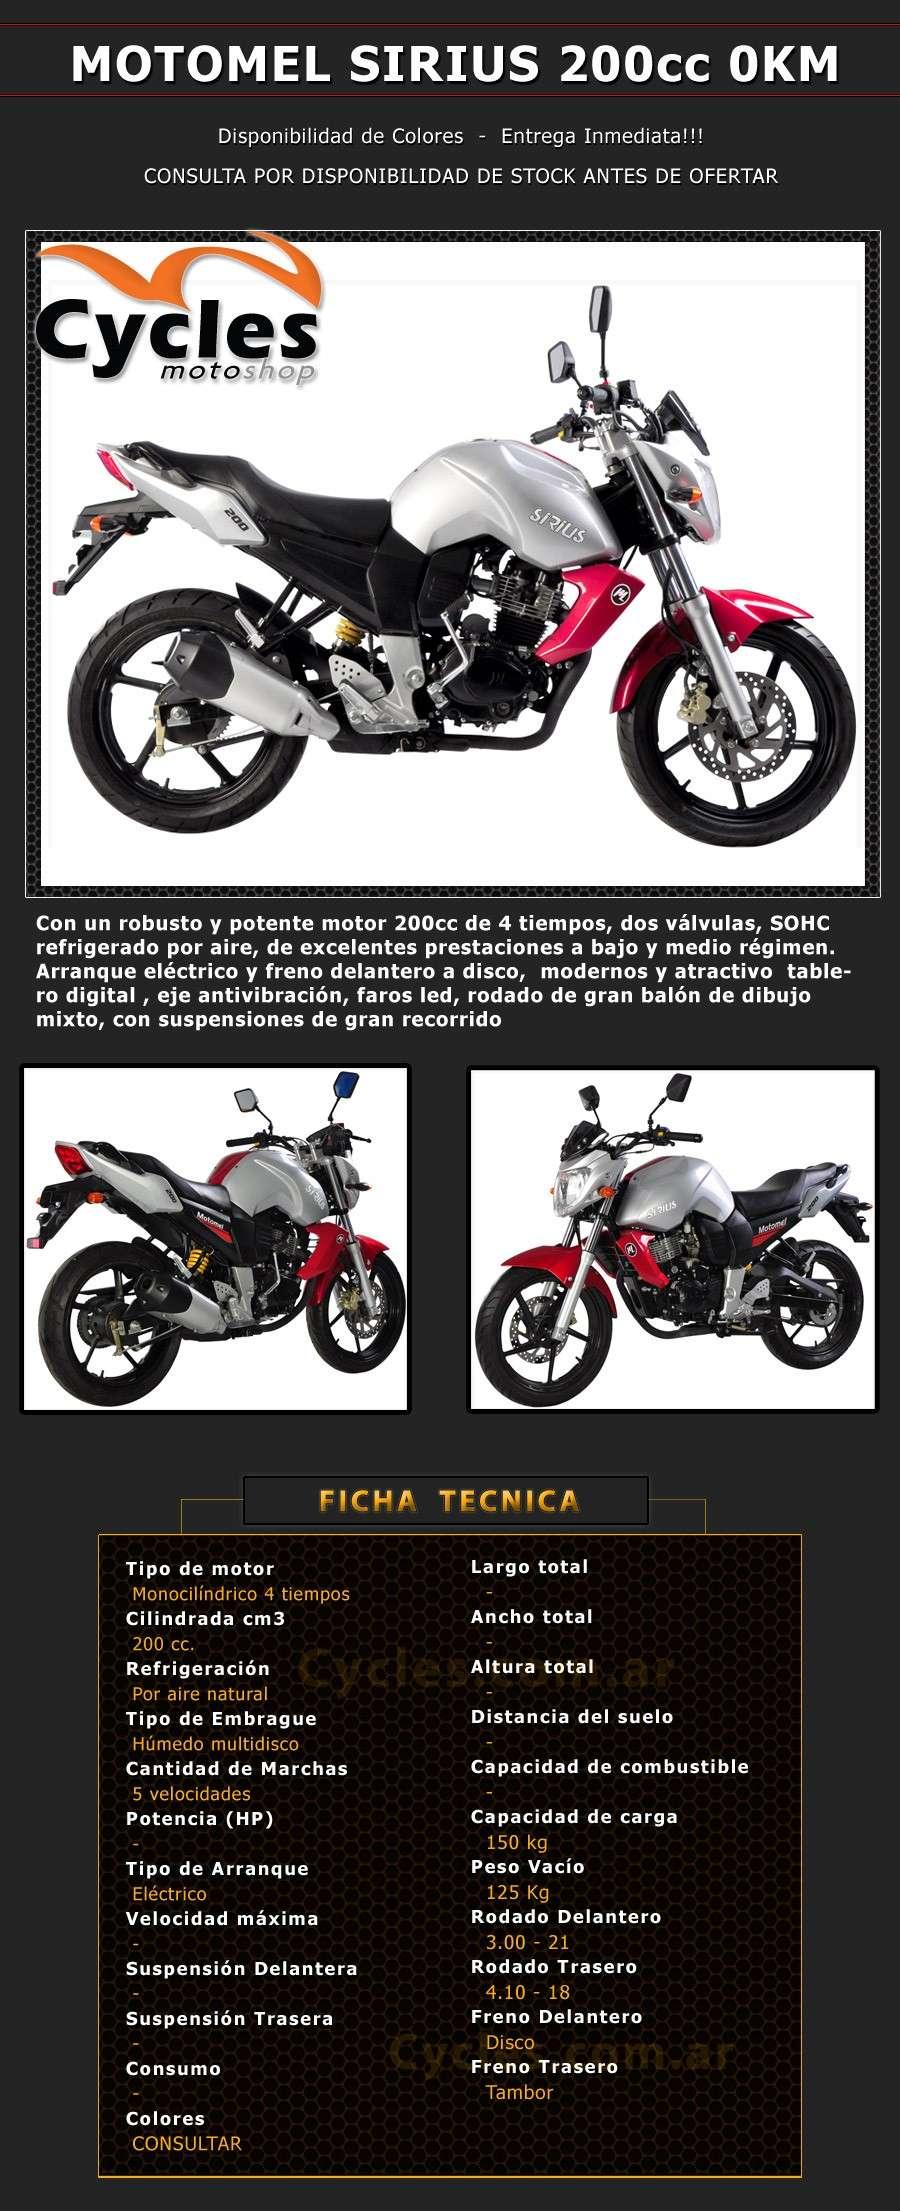 manual - MOTOMEL SIRIUS 200 Motome11